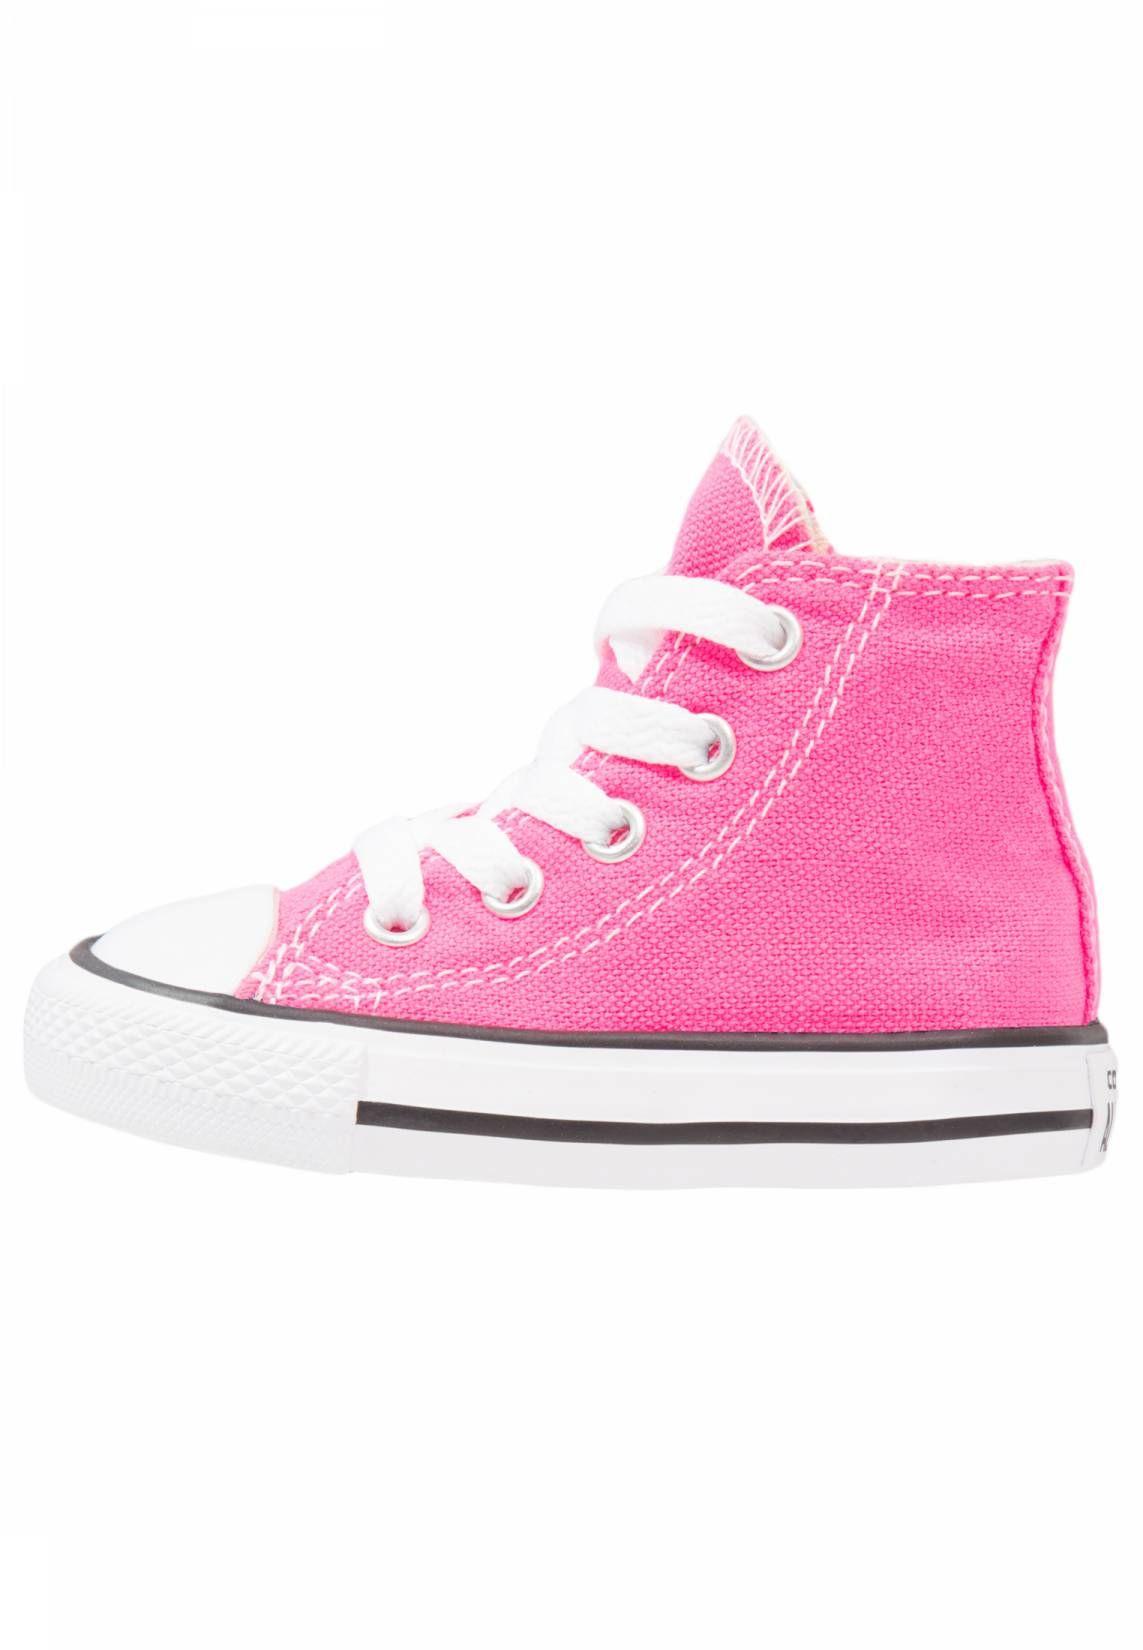 mejor autentico amplia selección de colores buscar genuino Converse. CHUCK TAYLOR ALL STAR - Zapatillas altas - pink pow ...